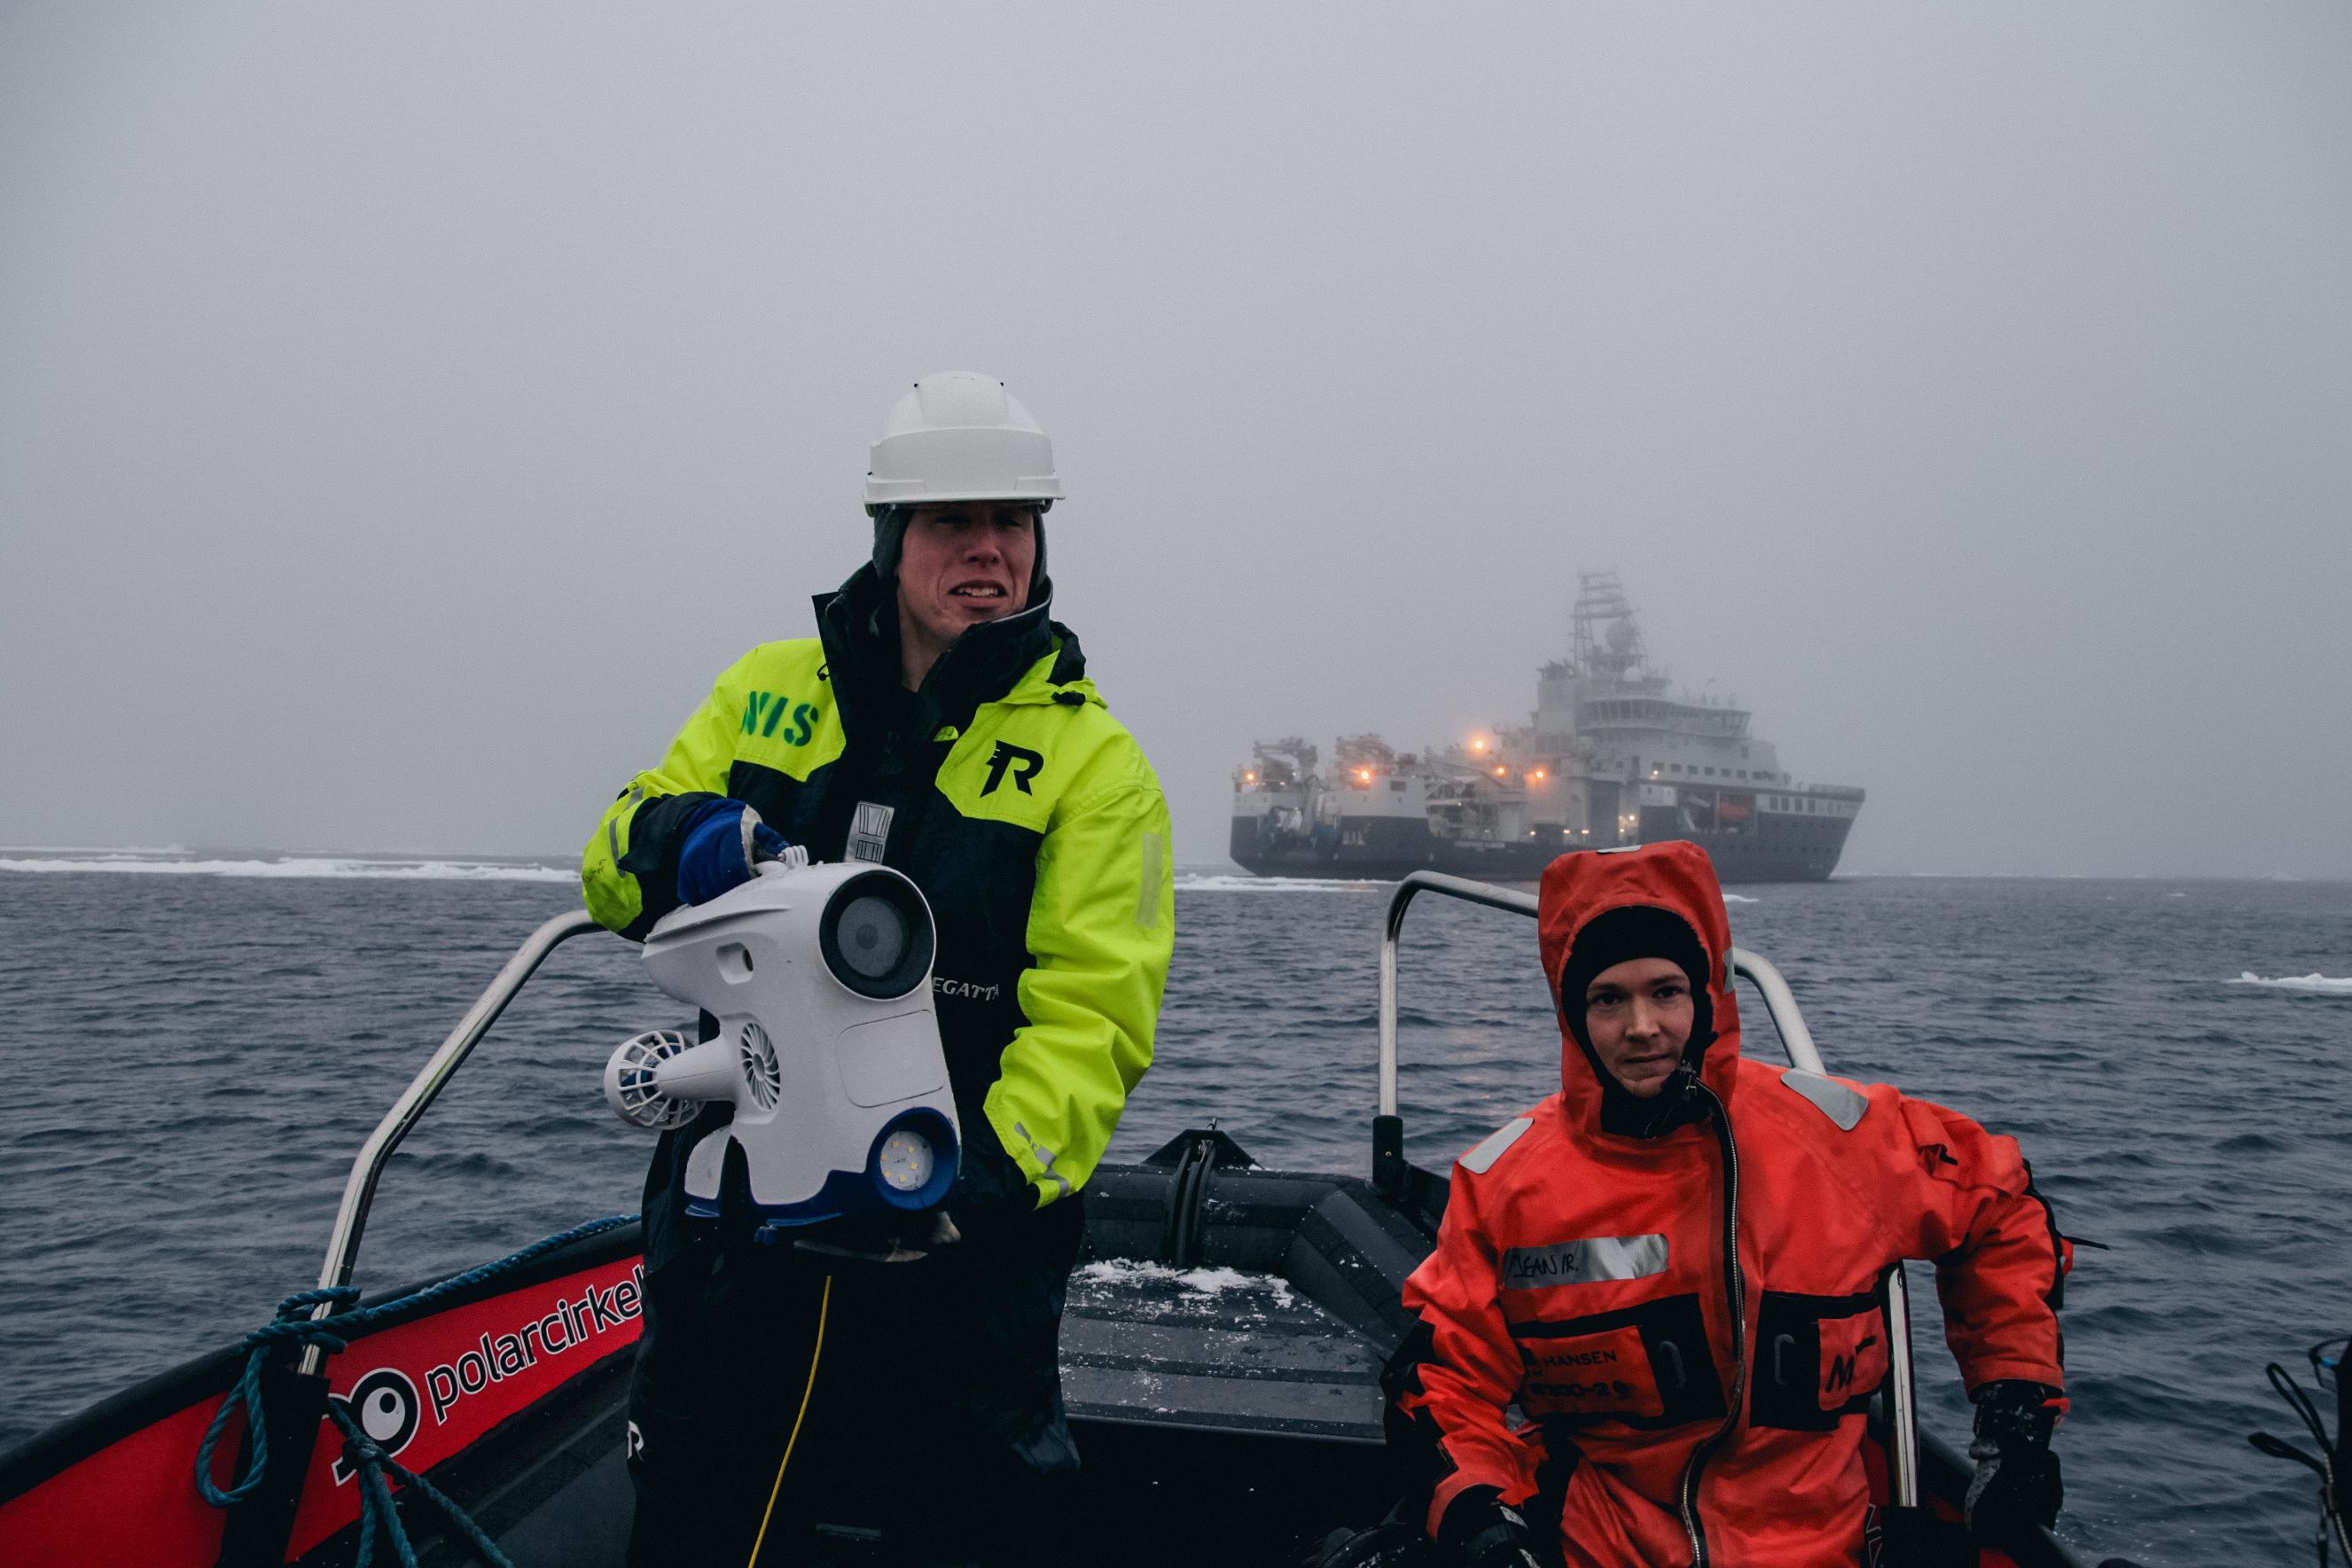 Martin og en av forskerne i en båt sammen med undervannsdronen Blueye Pioneer